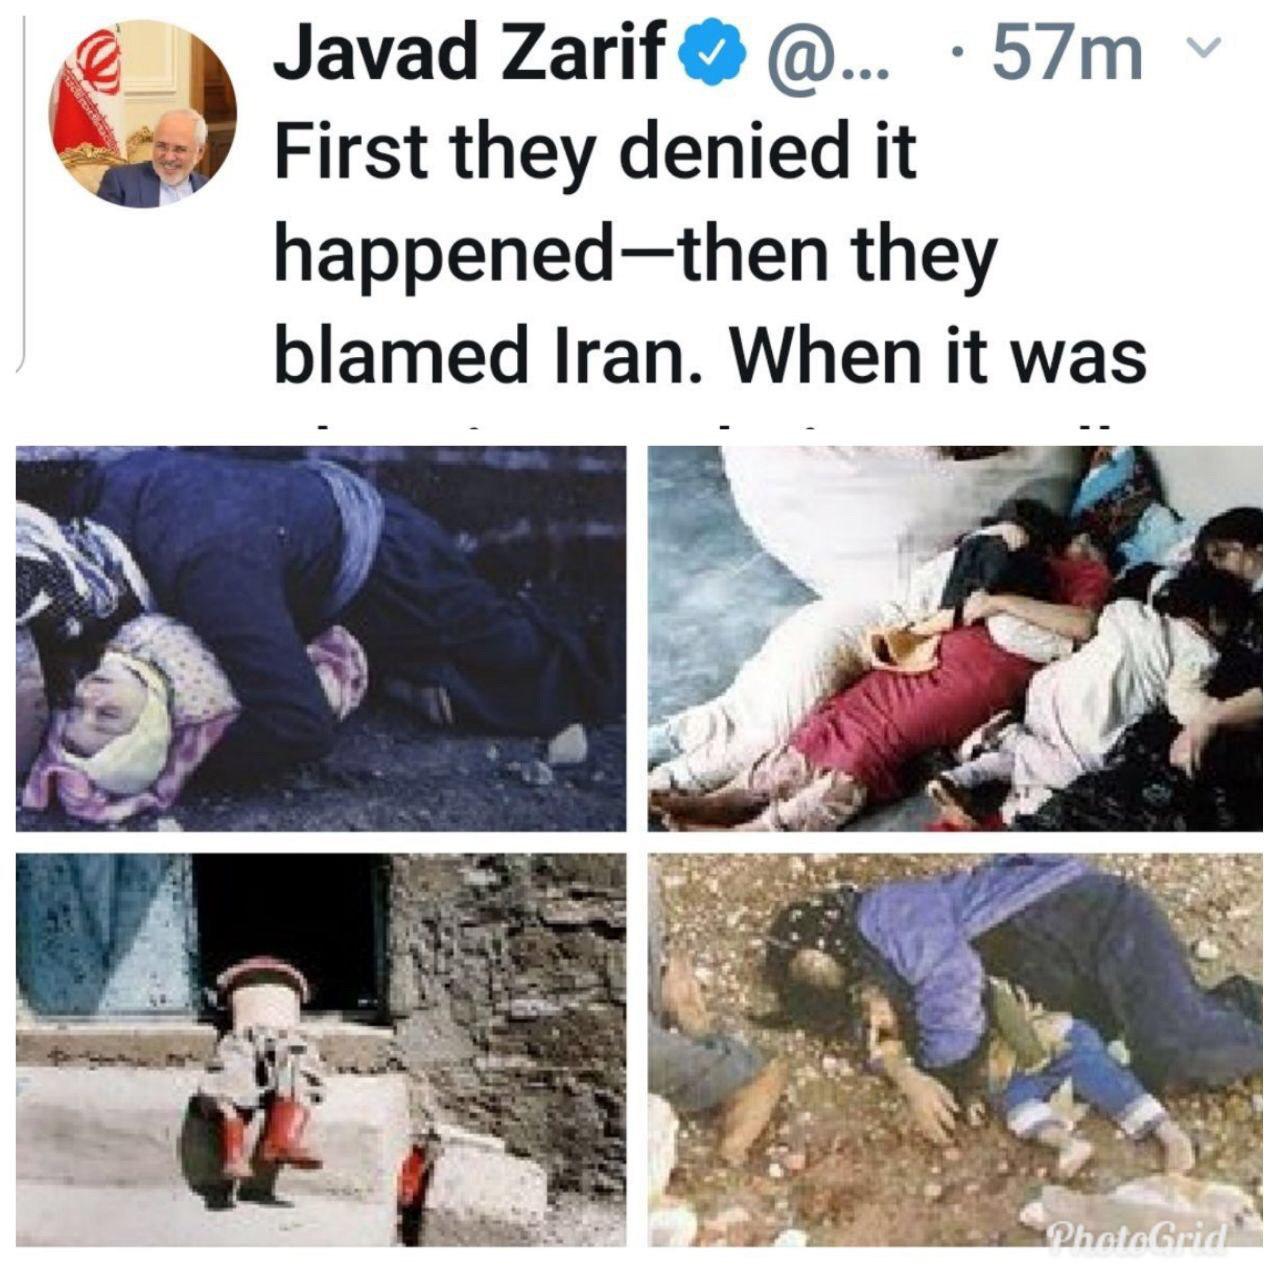 توئیت ظریف در سالگرد بمباران شیمیایی حلبچه: هرگز فراموش نخواهیم کرد